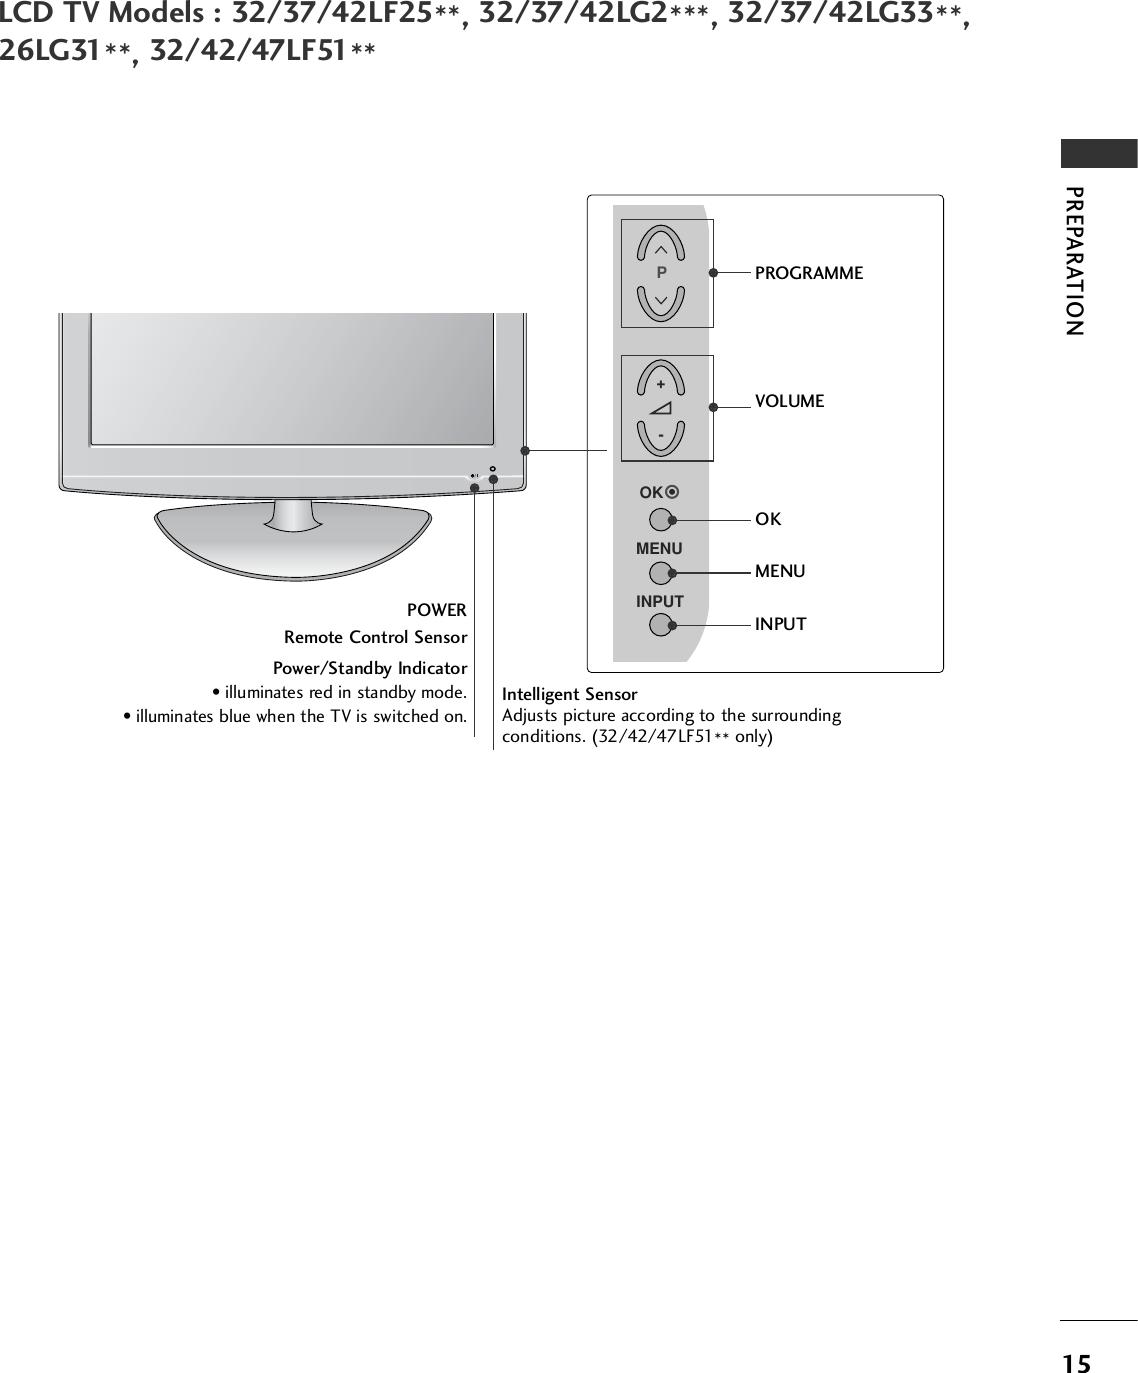 Lg 26Lh2000 Owner S Manual SAC31539709_eng_REV08